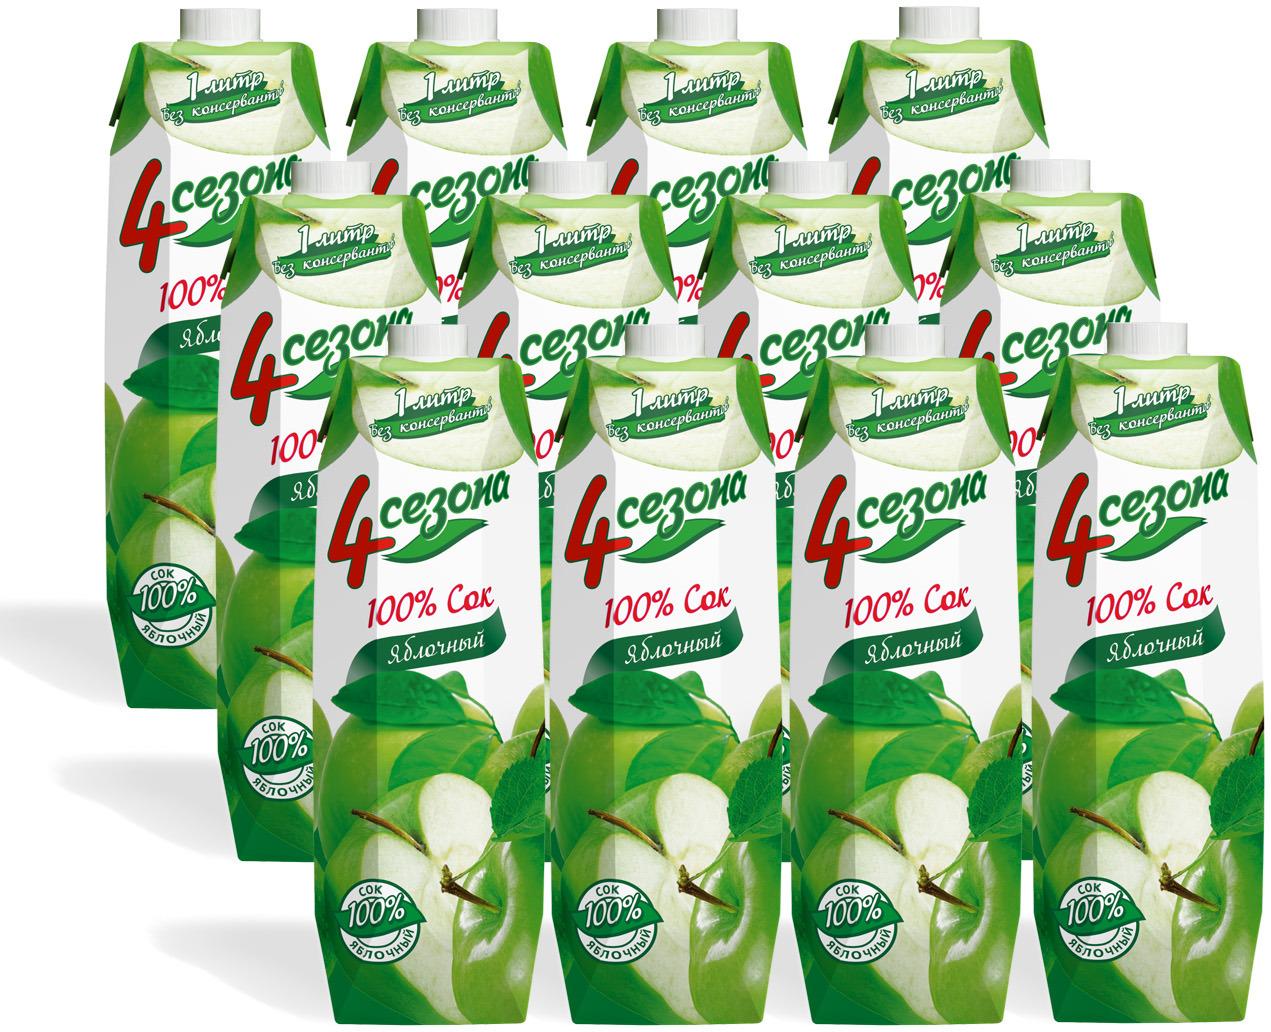 Сок 4 сезона Яблочный, 12 шт по 1 л 4 сезона сок томатный 1 л